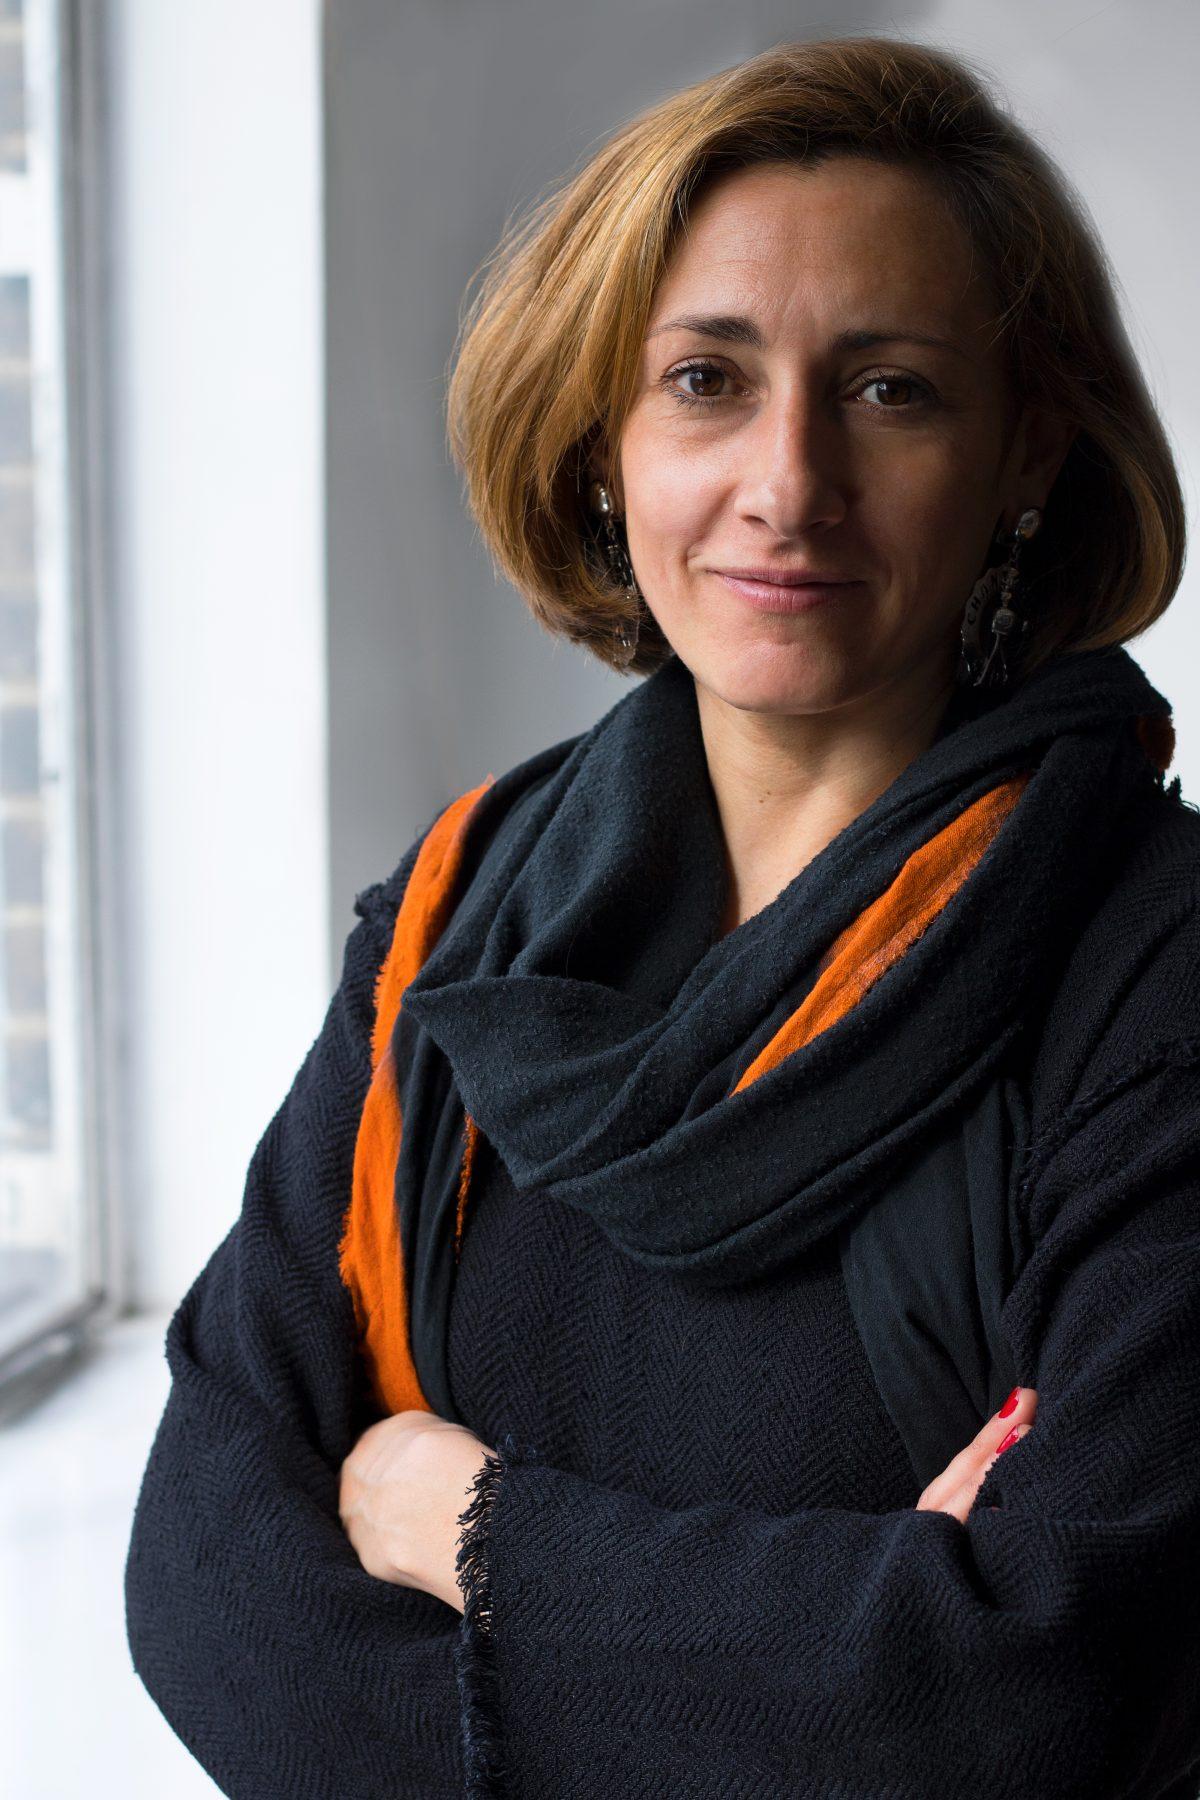 Marta Ravani-Lorber